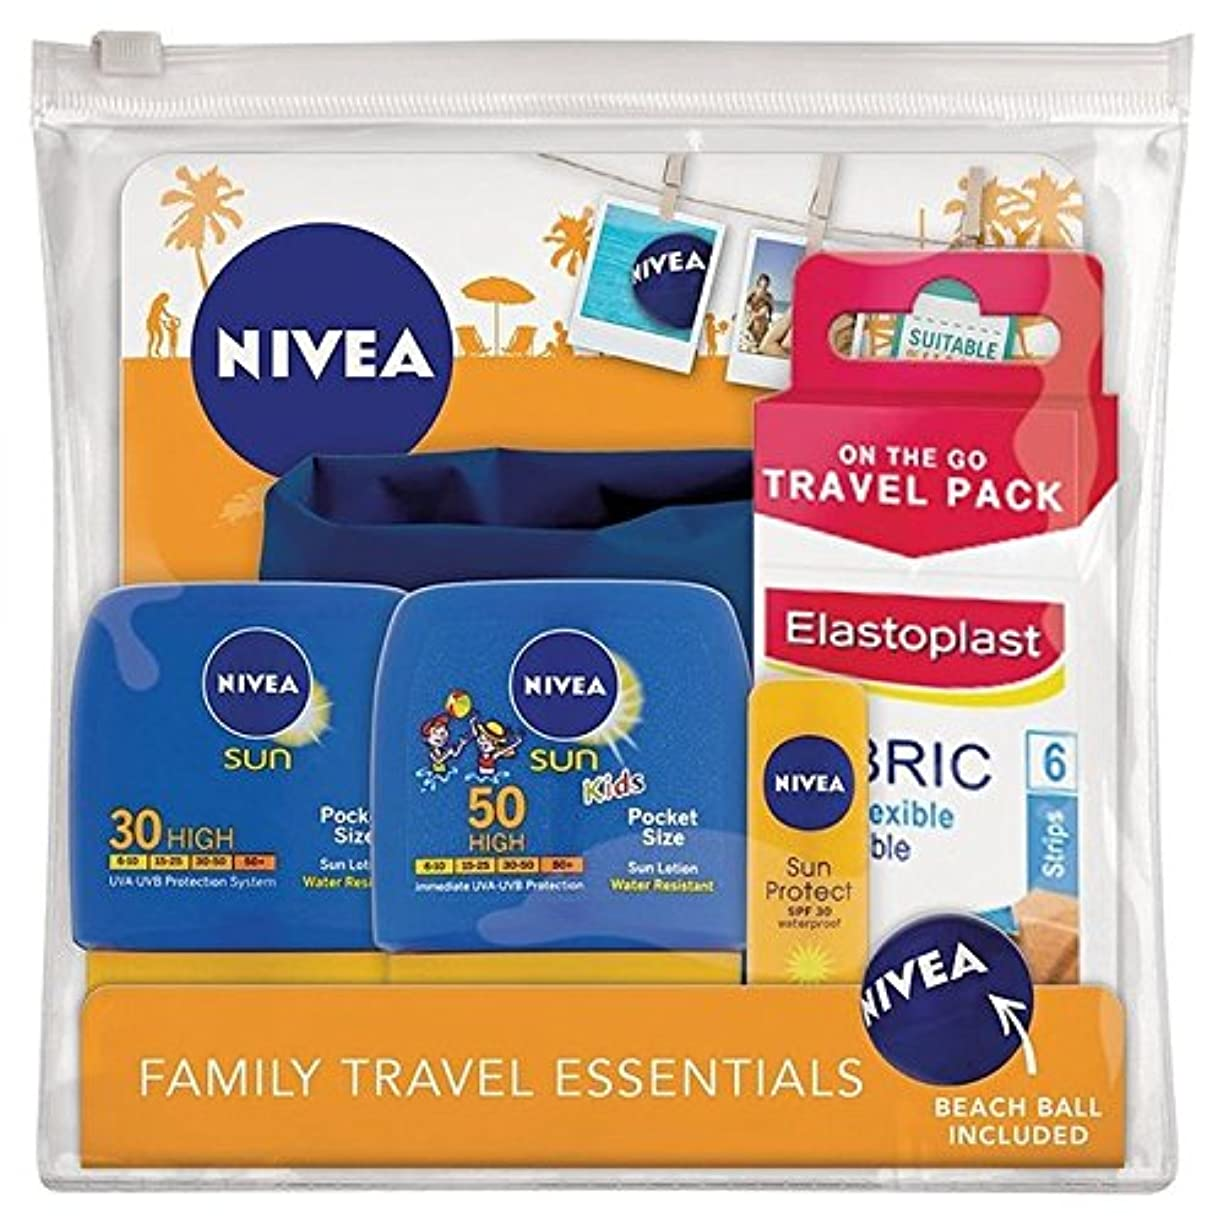 糞偶然の倍率ニベア日旅行パック x4 - Nivea Sun Travel Pack (Pack of 4) [並行輸入品]